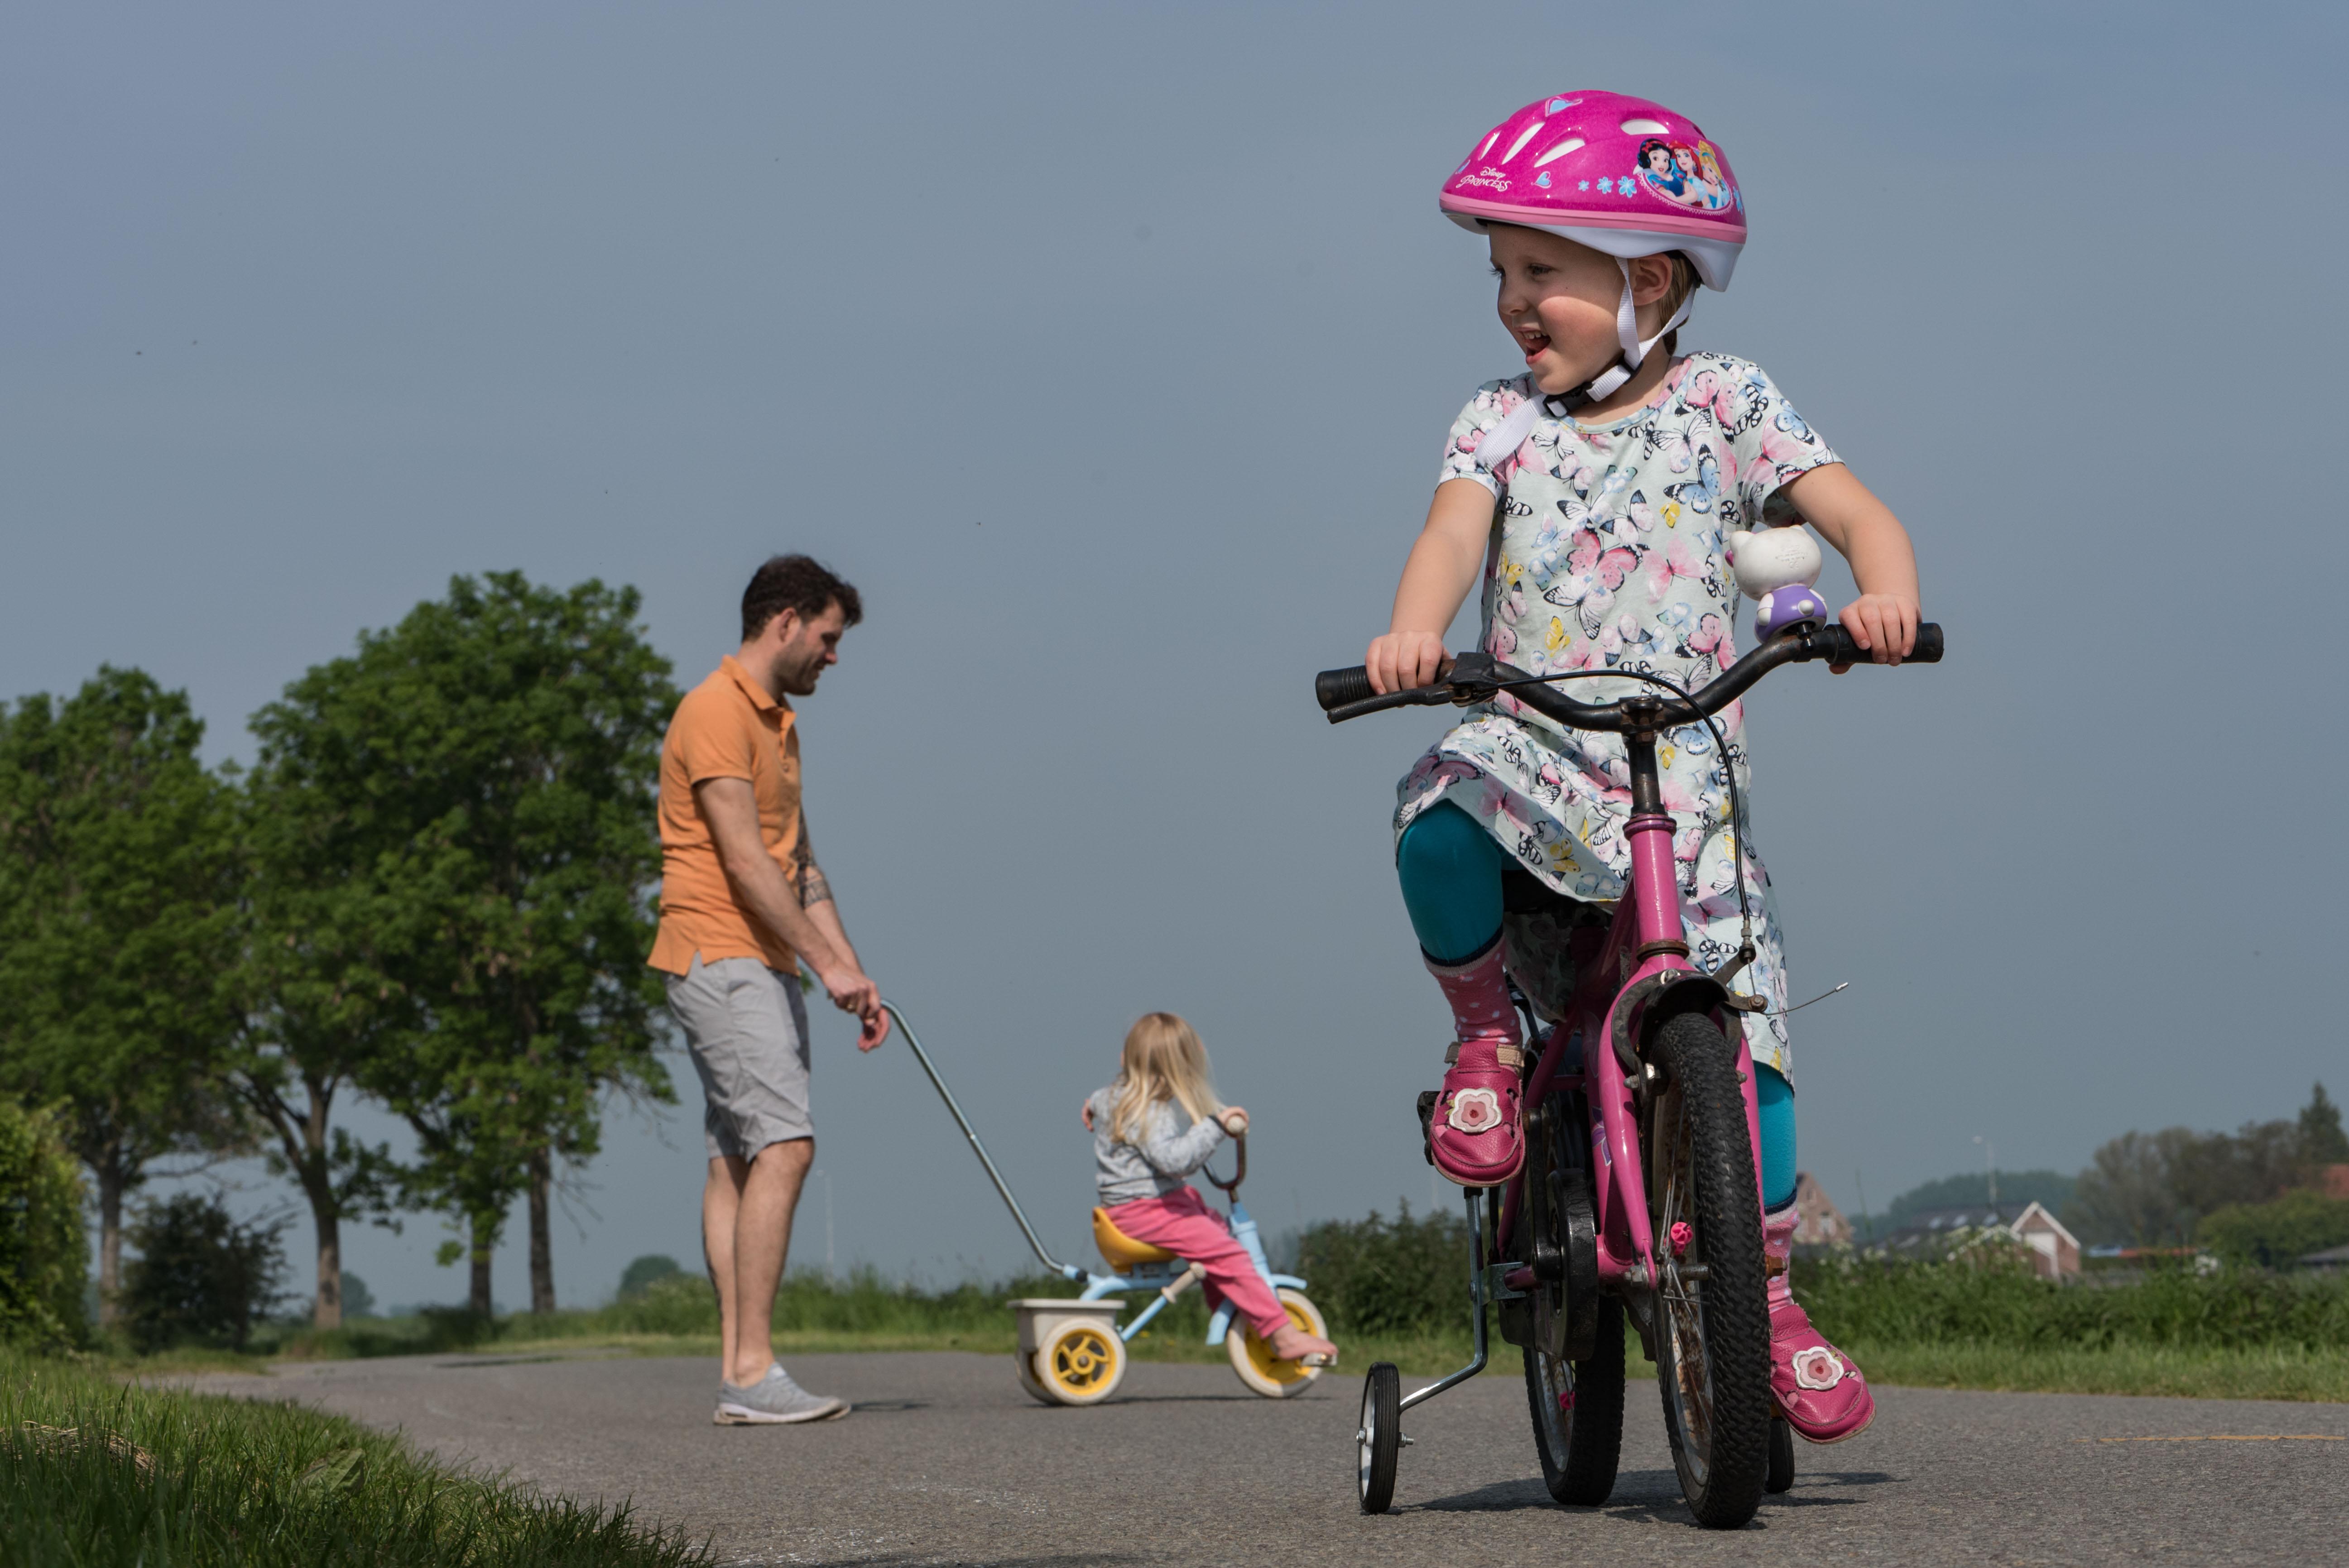 Meisje fietst op fiets met zijwieltjes Jasja de Wit Fotografie